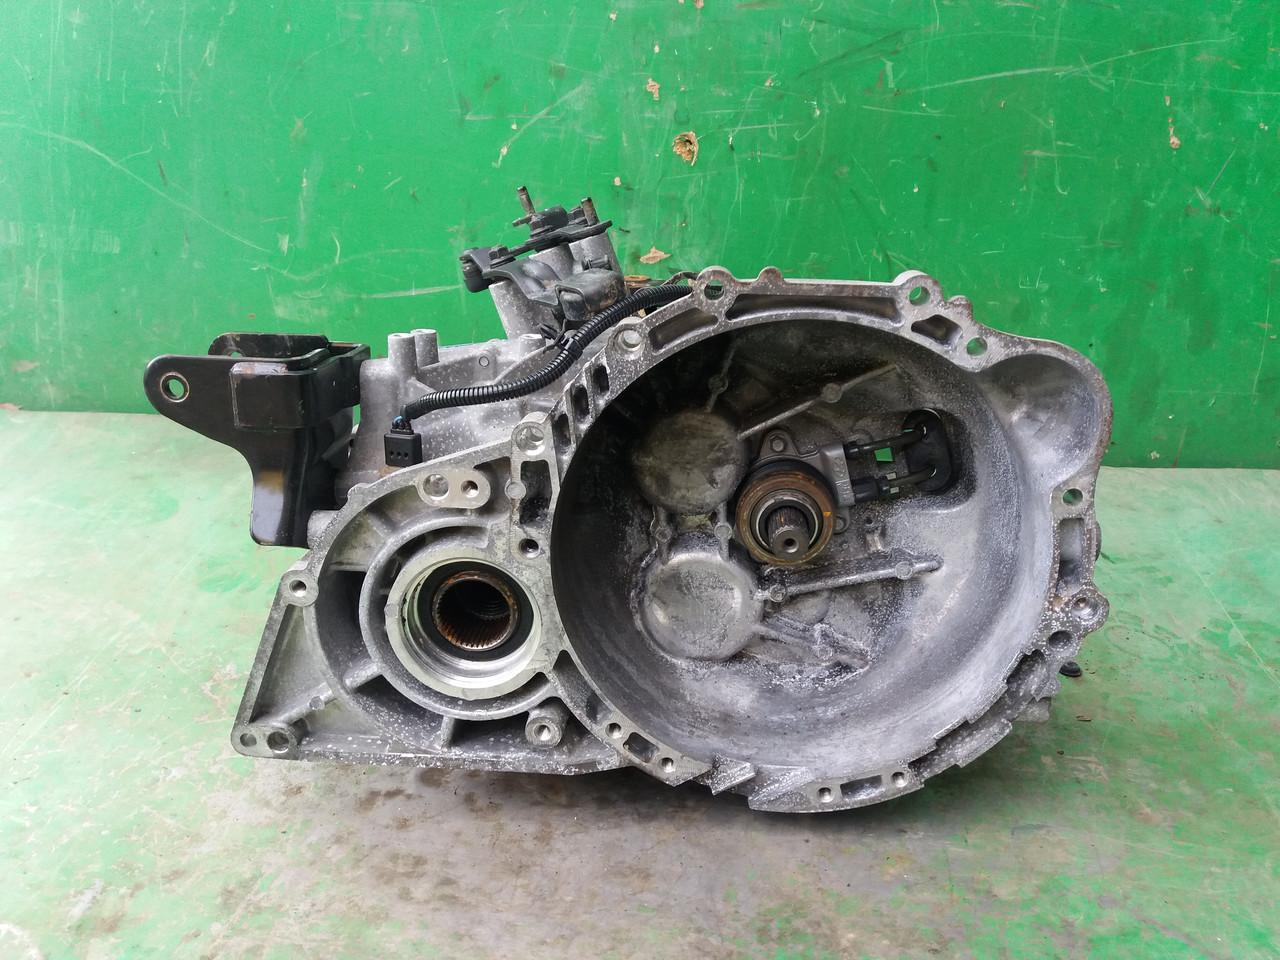 Б/у КПП для Hyundai Tucson 2008 р., Kia Sportage II 2.0 CRDI 16 V 4x4, 2004-2010 p. M6GF2 DDC 4 WD K - 3, S714